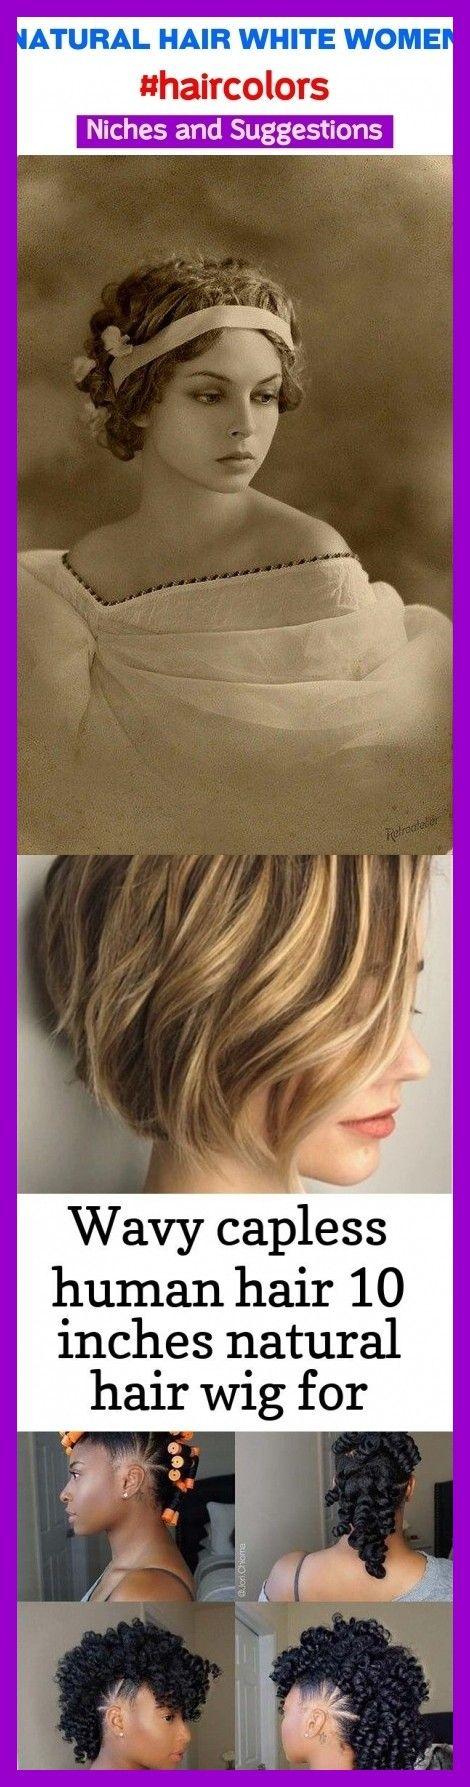 Natural hair white women natural hair styles, natural hair growth, natural hair care, natural hair